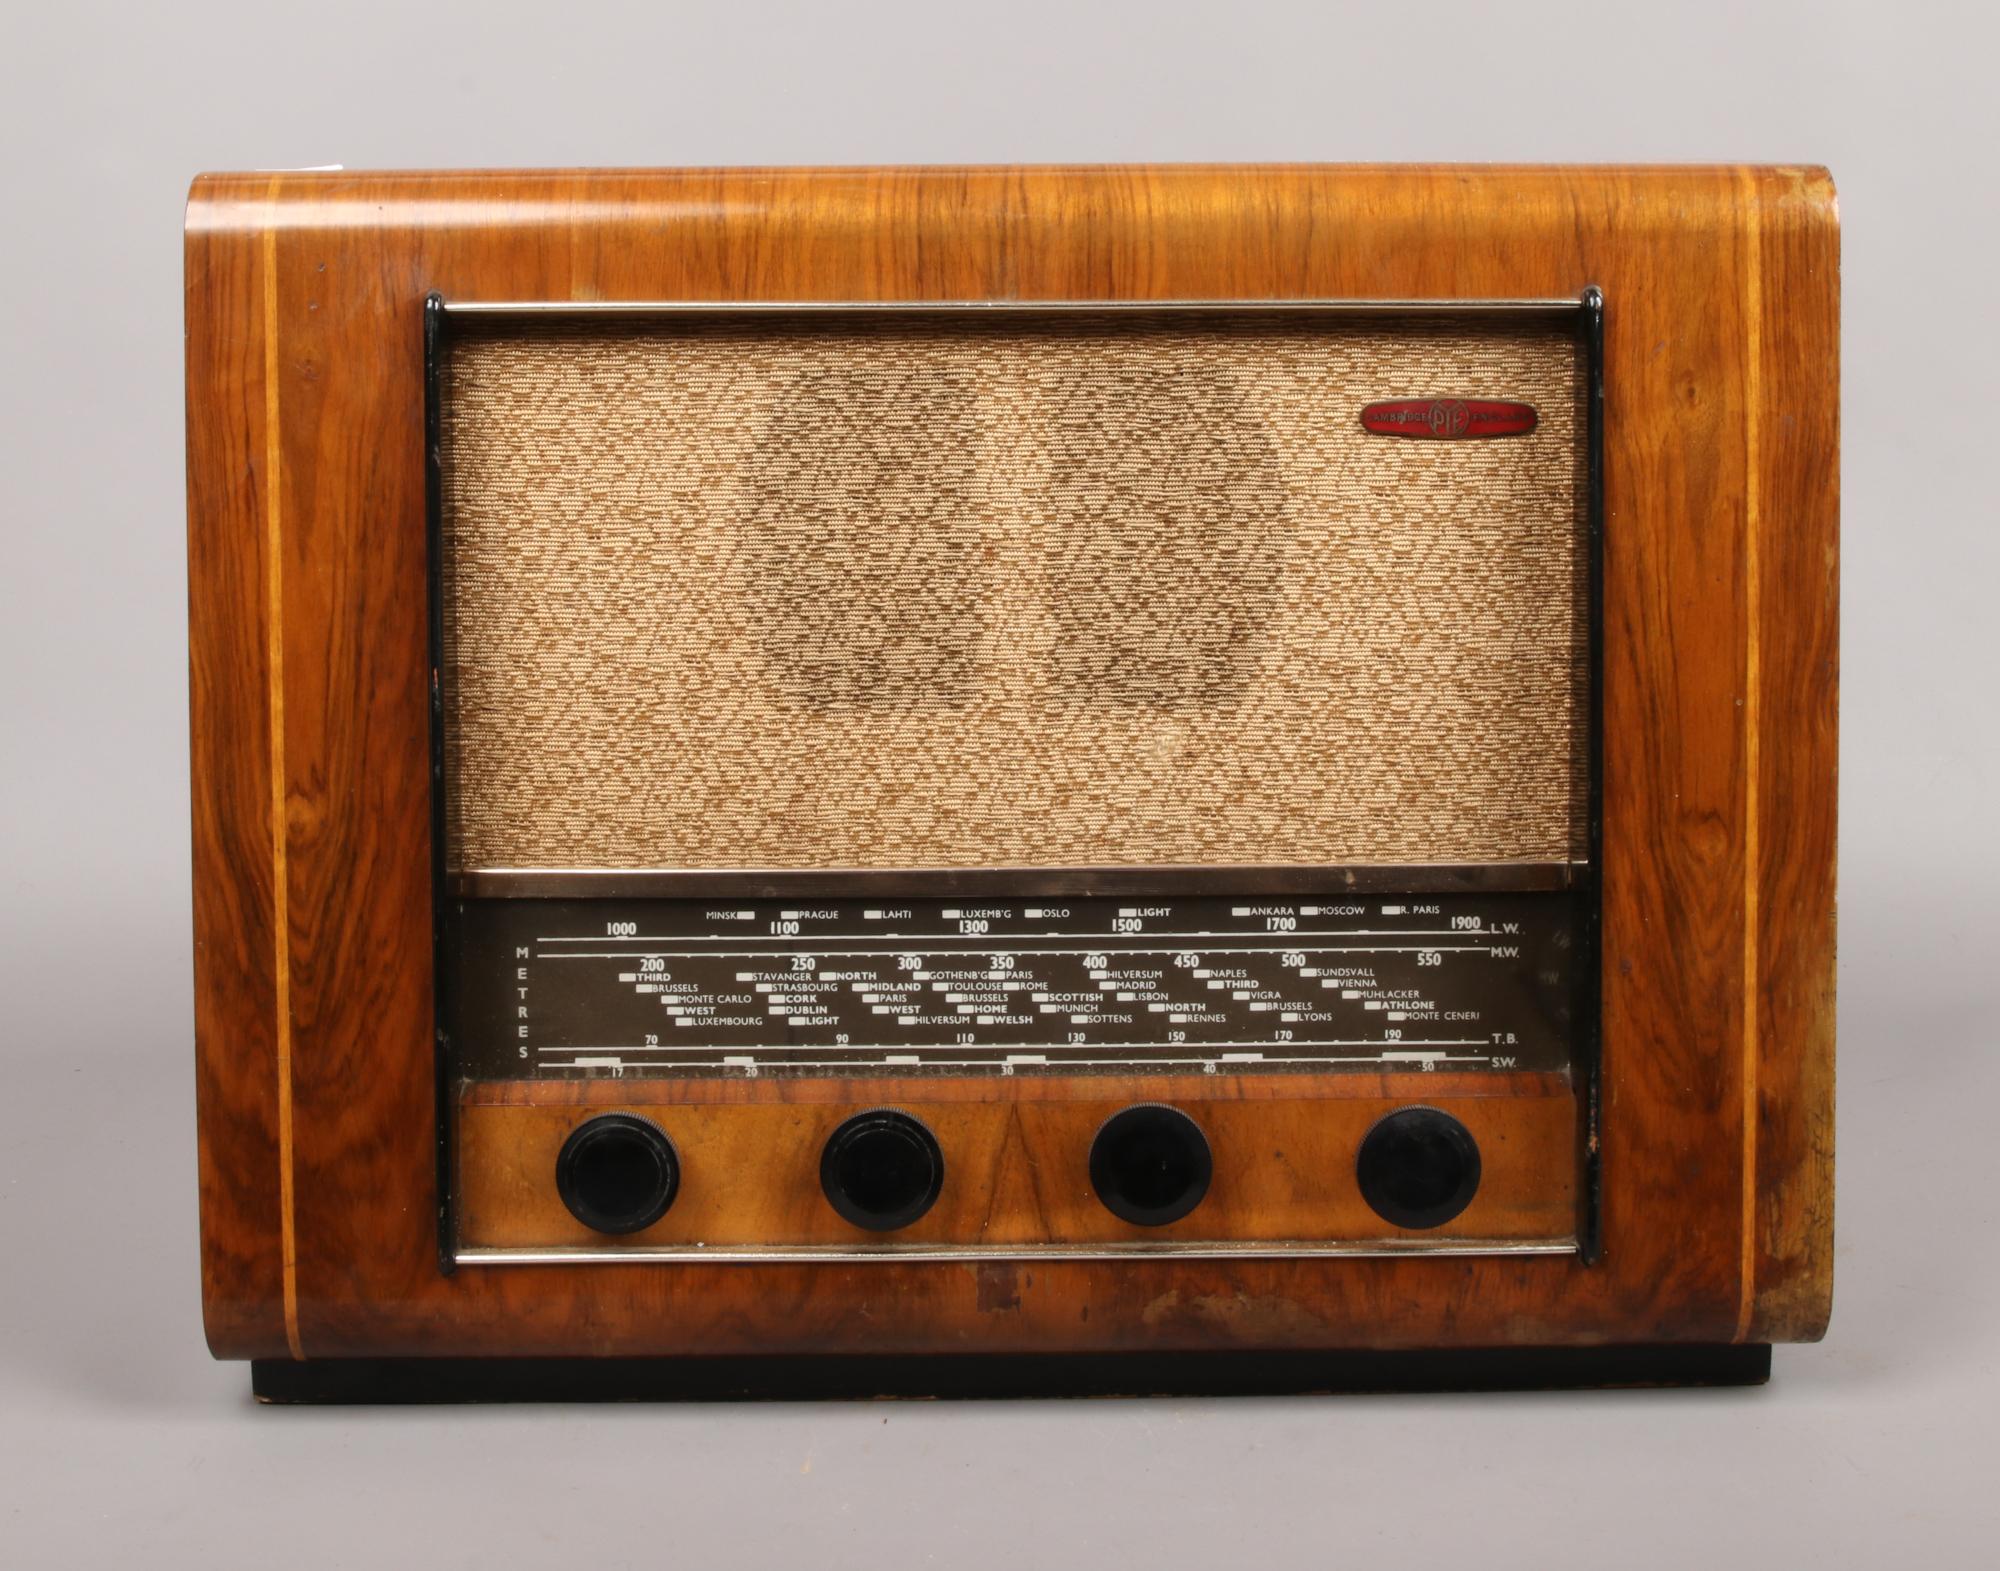 Lot 24 - A vintage Pye radio with wood veneer.